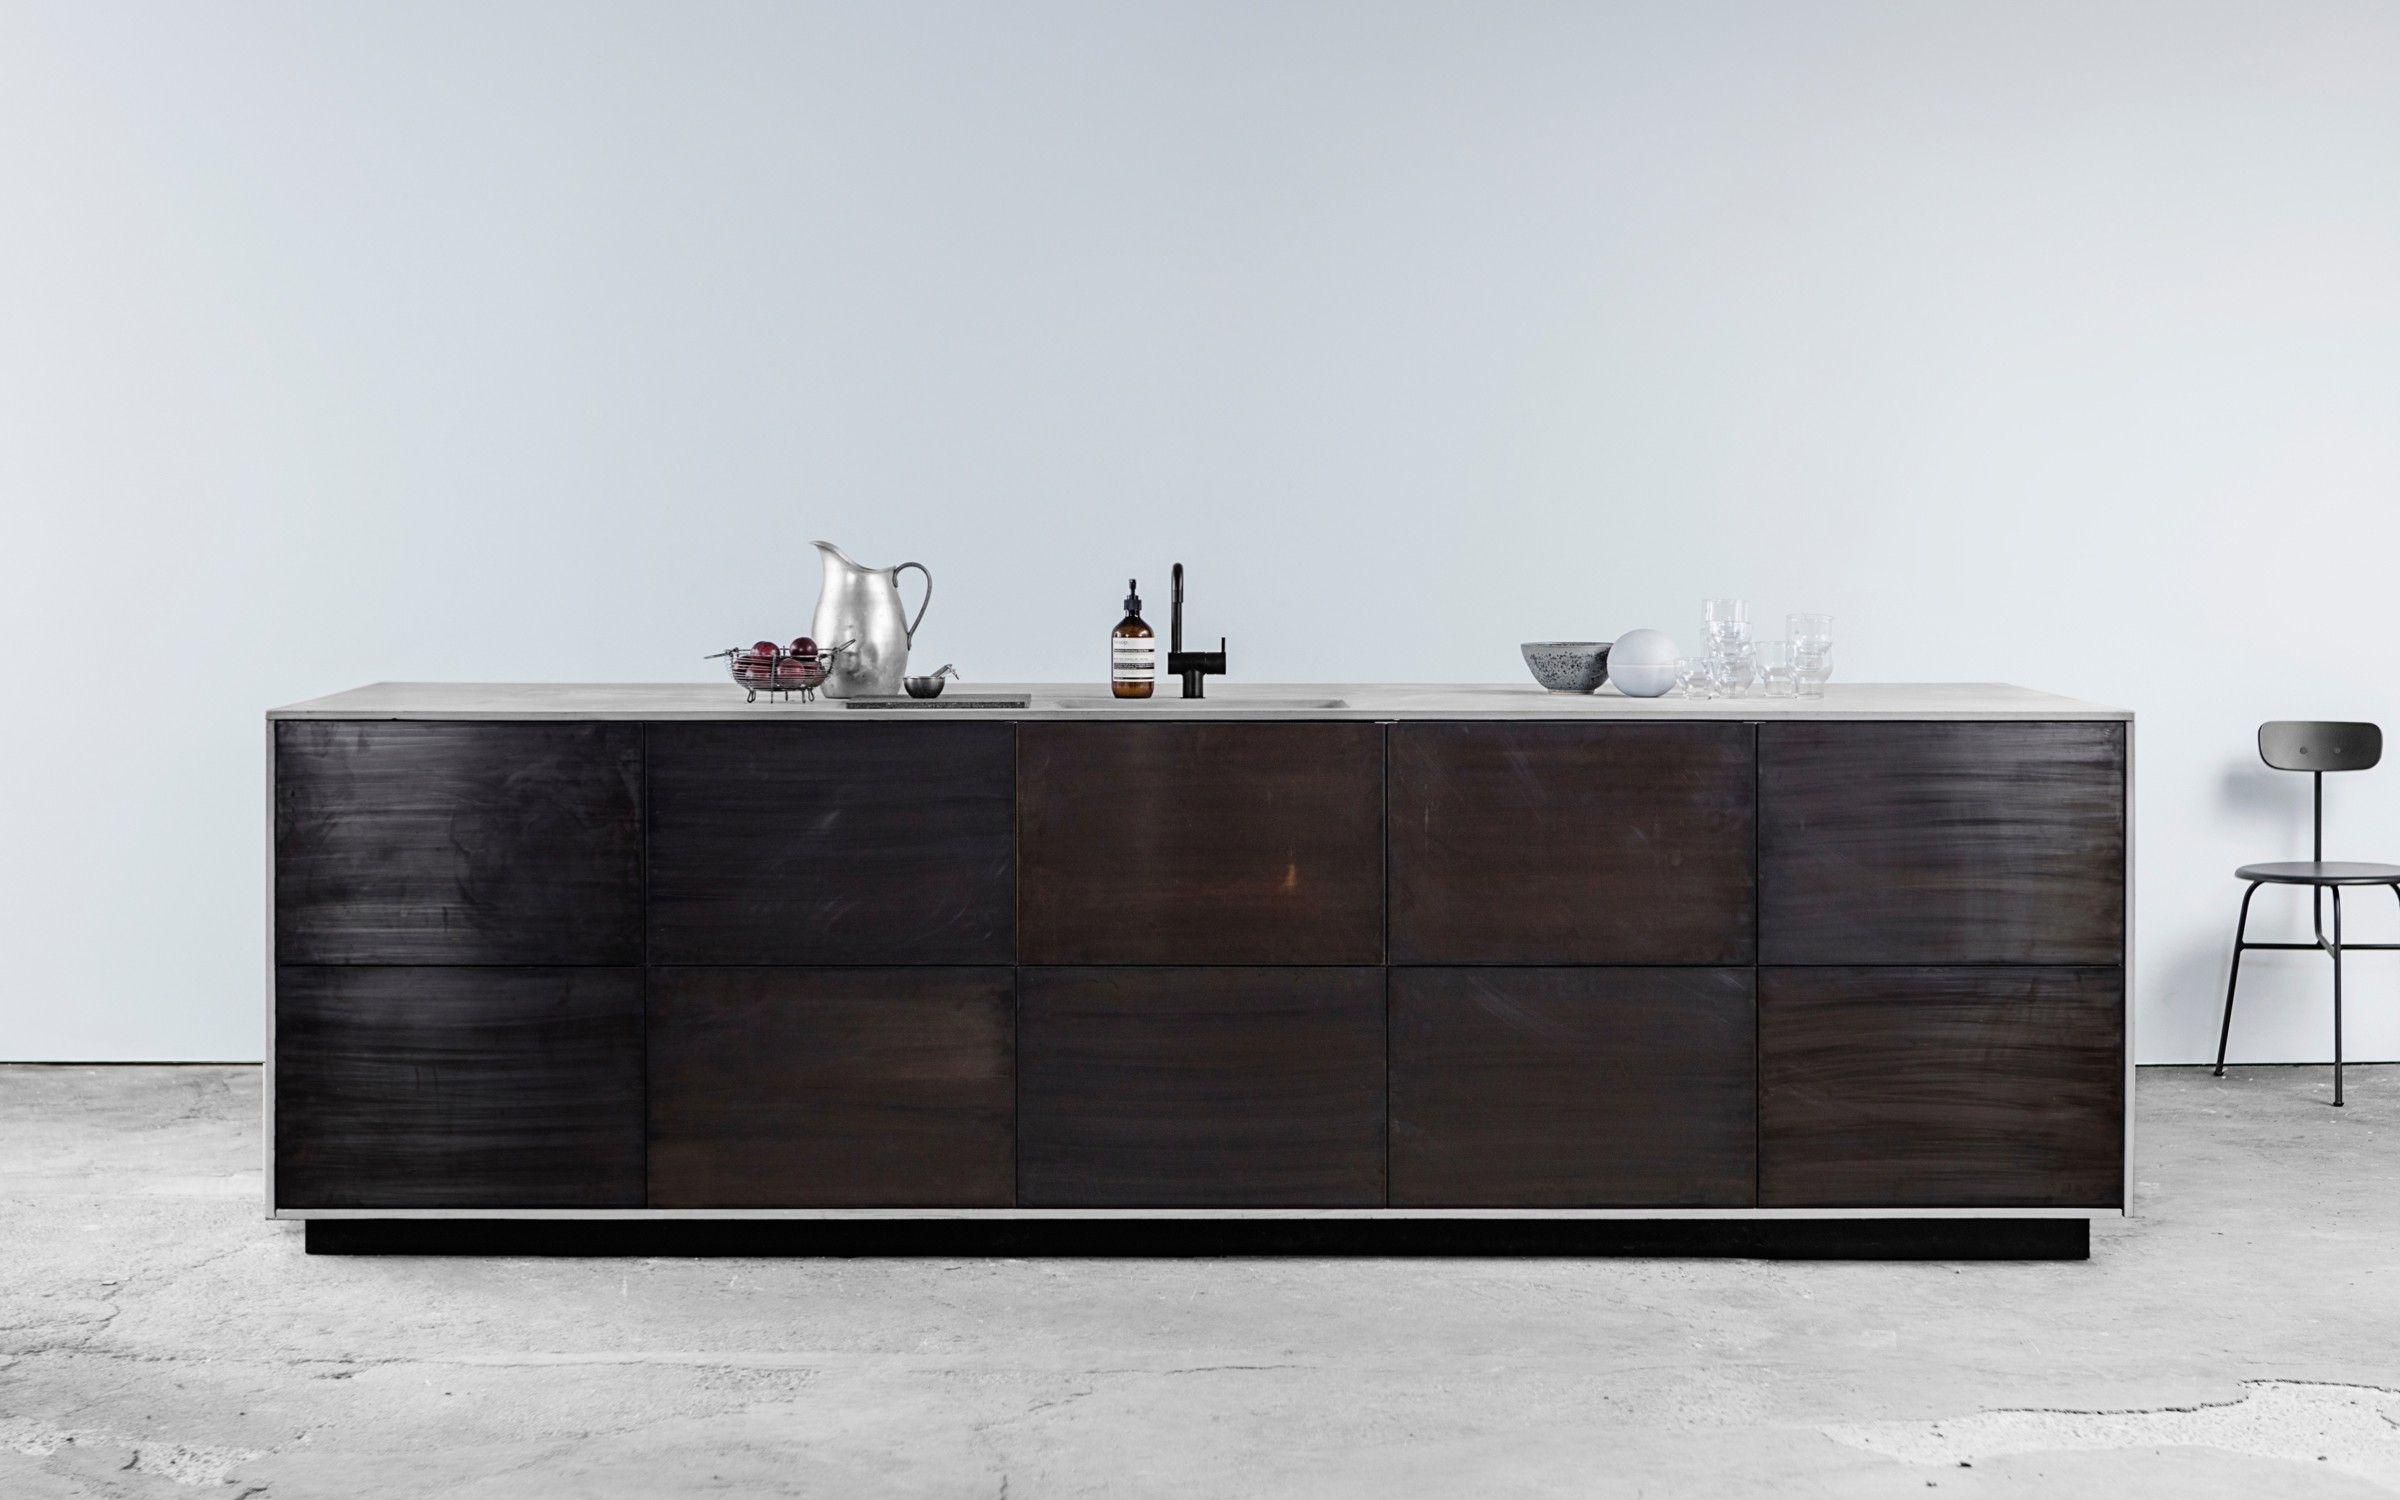 http://reformcph.com/da/design/norm-architects/